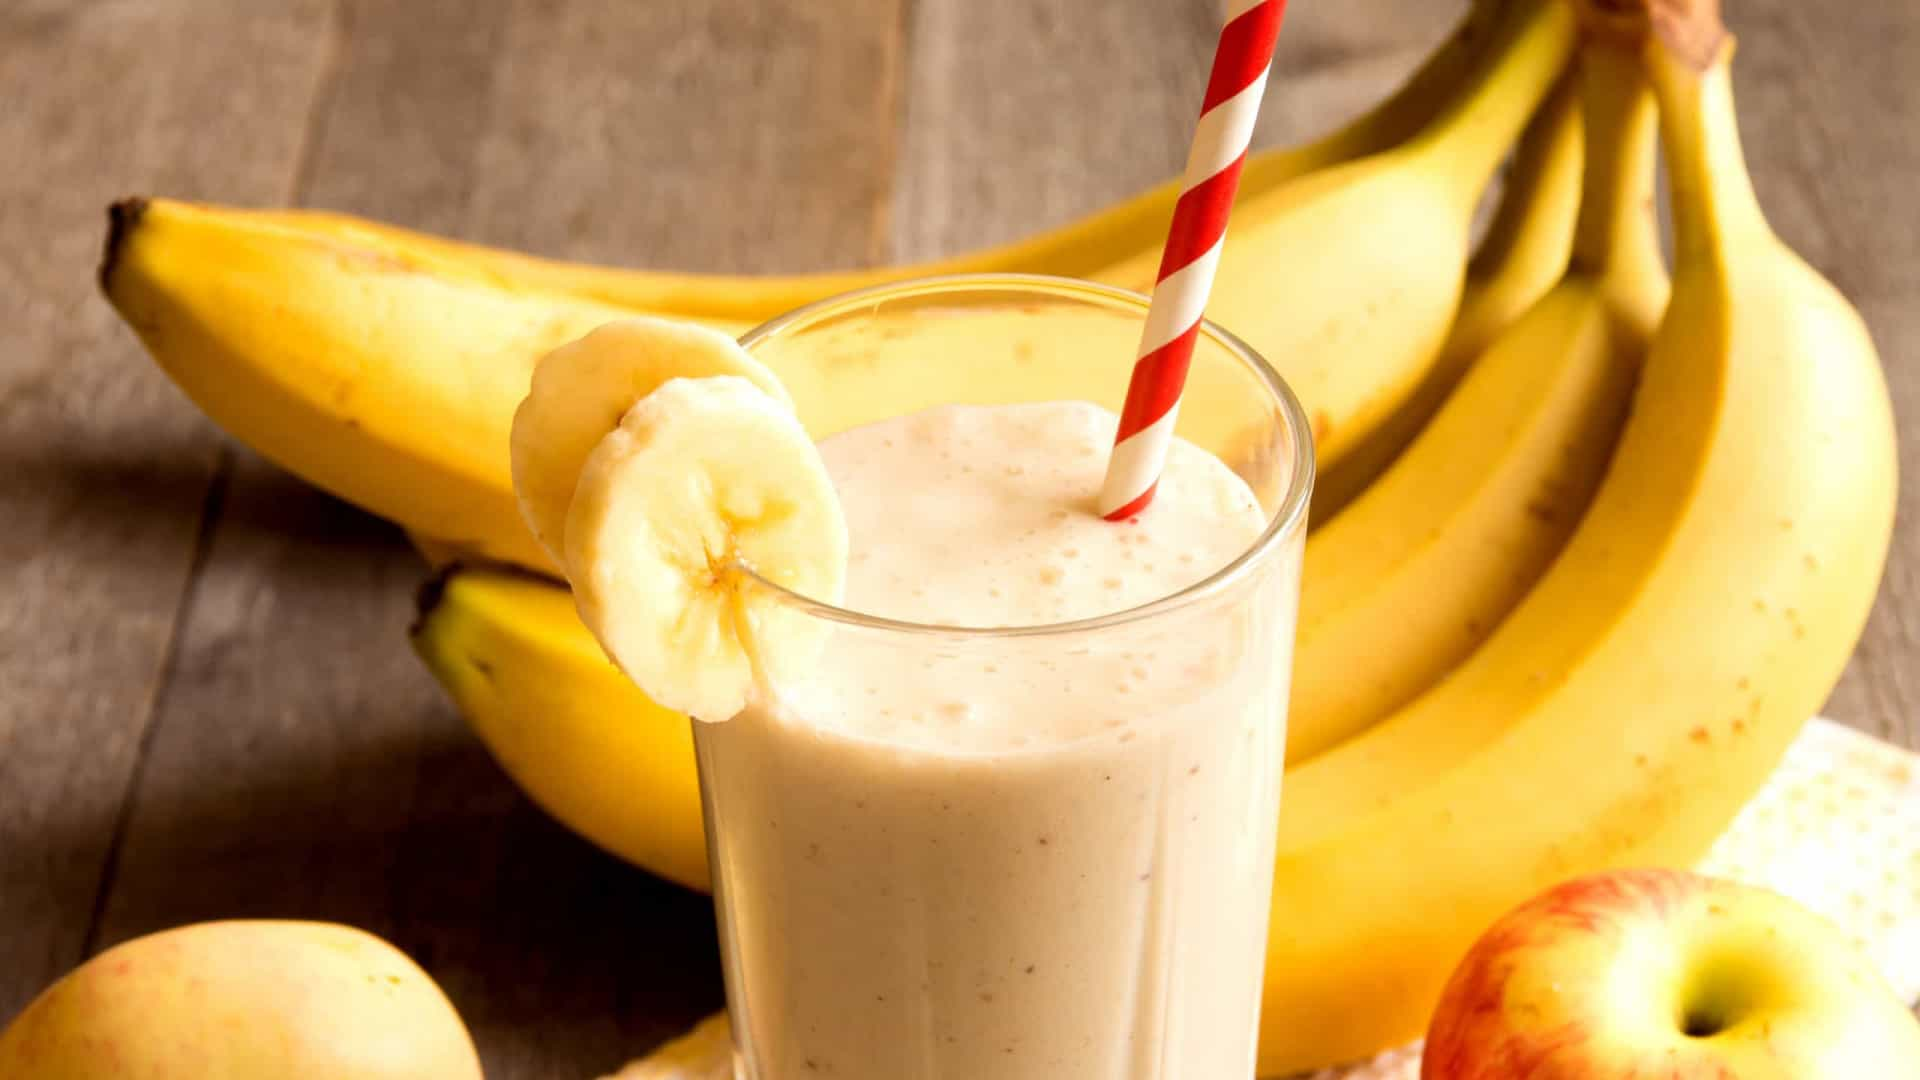 Alimentos que acalmam e aliviam o stress: sugestões dos nutricionistas